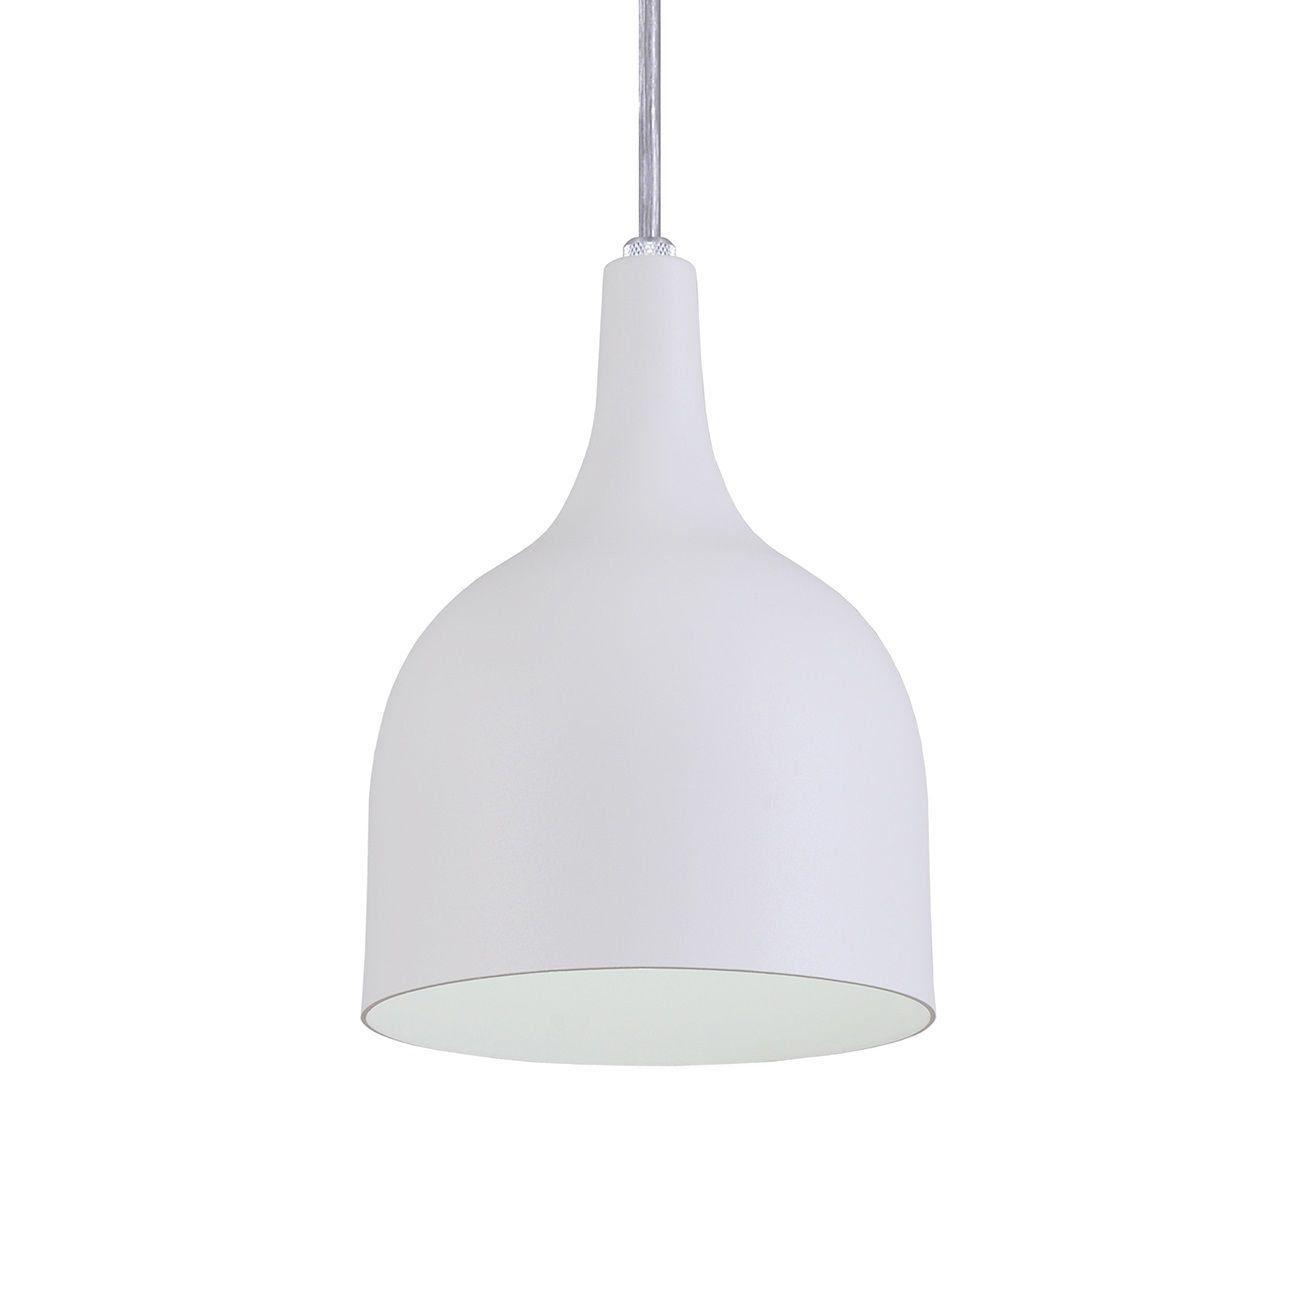 Pendente Gota Teat Luminária Lustre Alumínio Branco Textura - Rei Da Iluminação